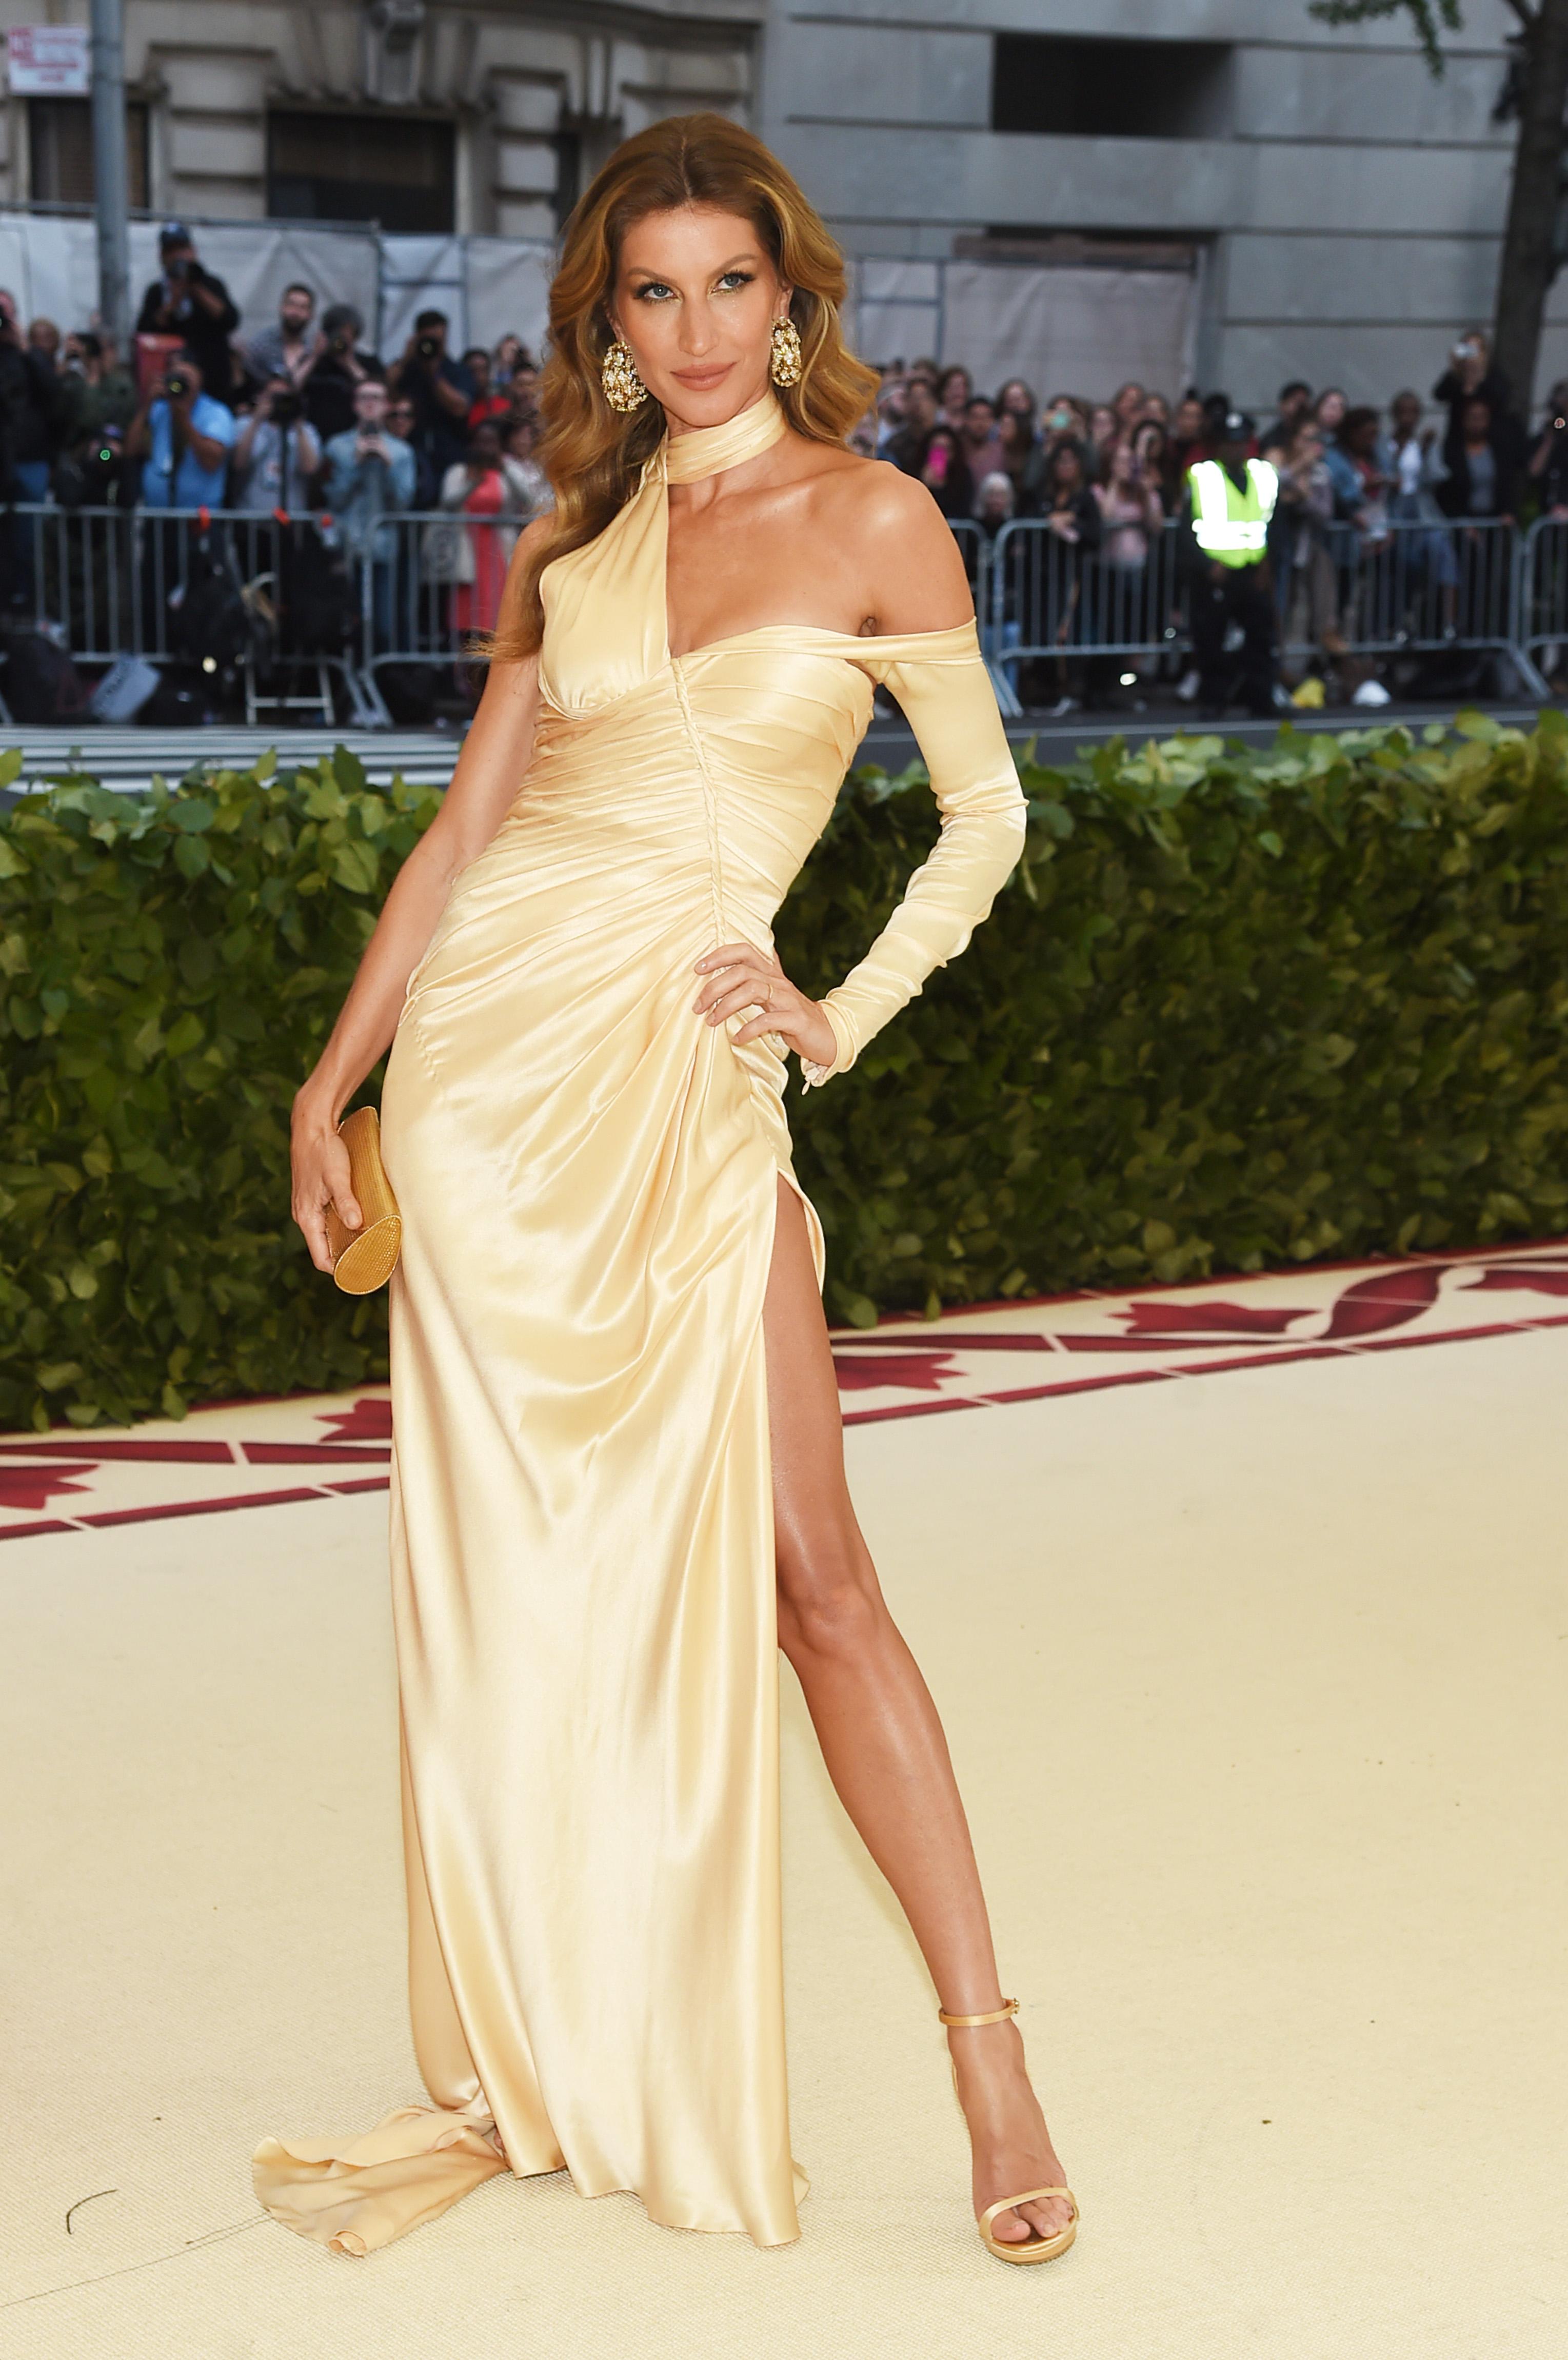 5. Петото място в класацията си делят манекенката и актриса Кара Делевин и топмоделът Жизел Бюндхен. През изминалата година двете красавици са спечелили 10 млн. долара.